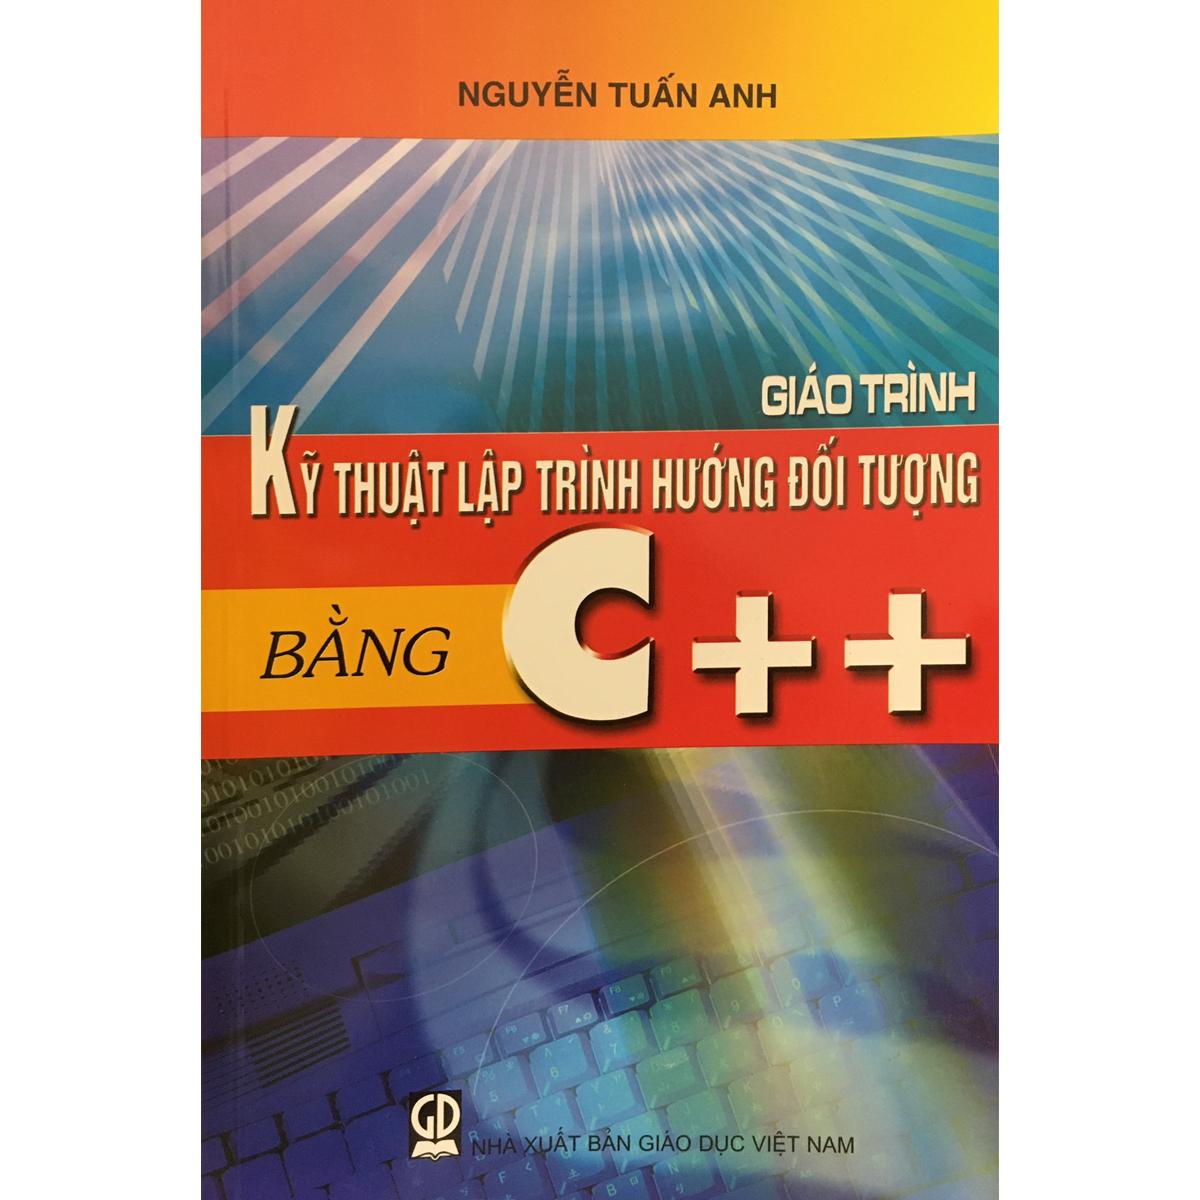 Giáo trình kỹ thuật lập trình hướng đối tượng bằng C++